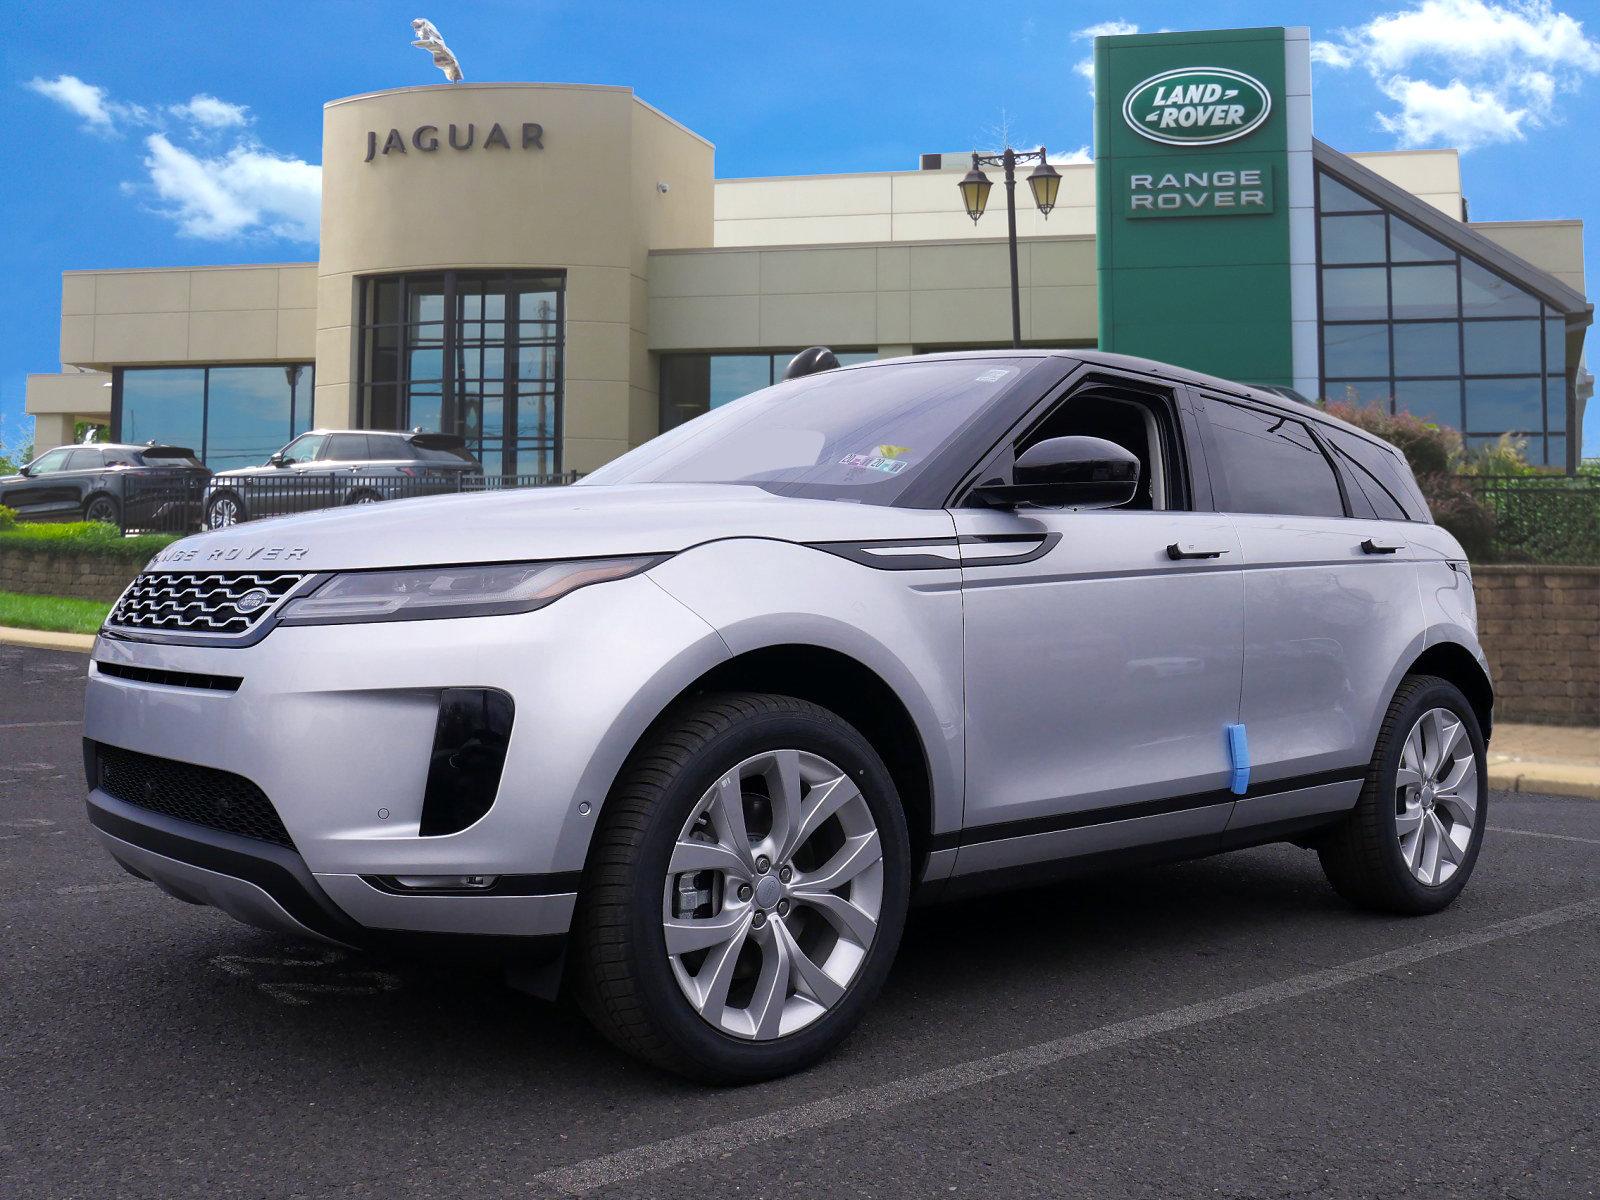 New 2020 Land Rover Range Rover Evoque SE